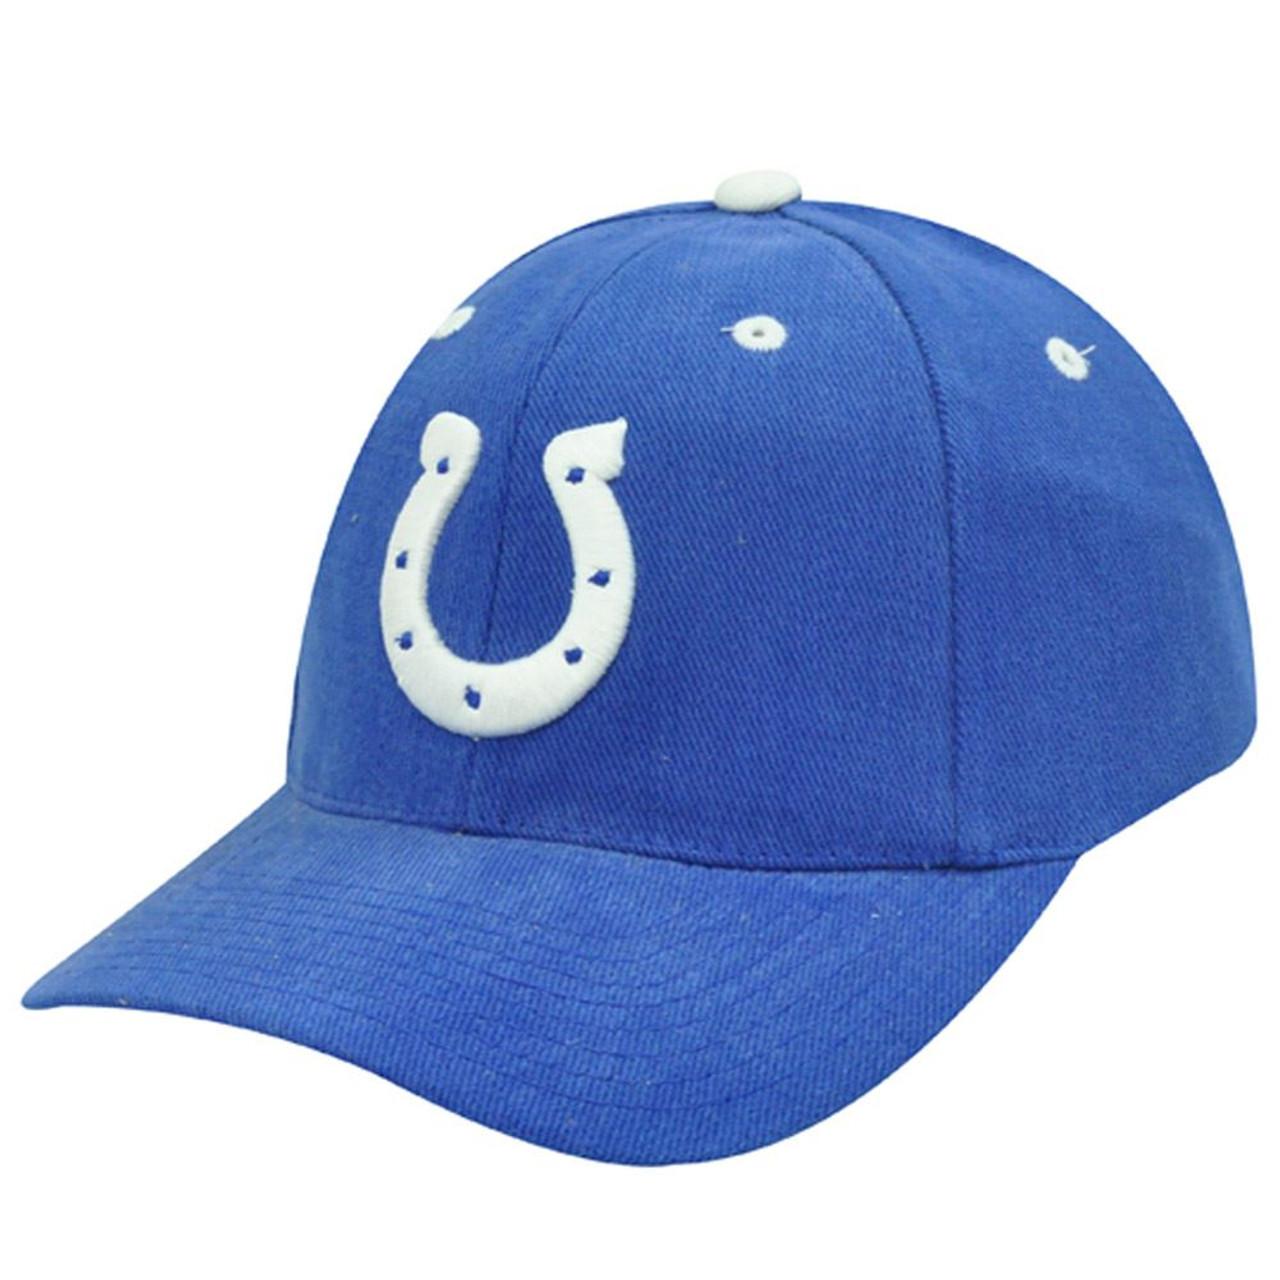 more photos 399d9 7f136 NFL INDIANAPOLIS COLTS VINTAGE LOGO 7 BLUE HAT CAP NEW